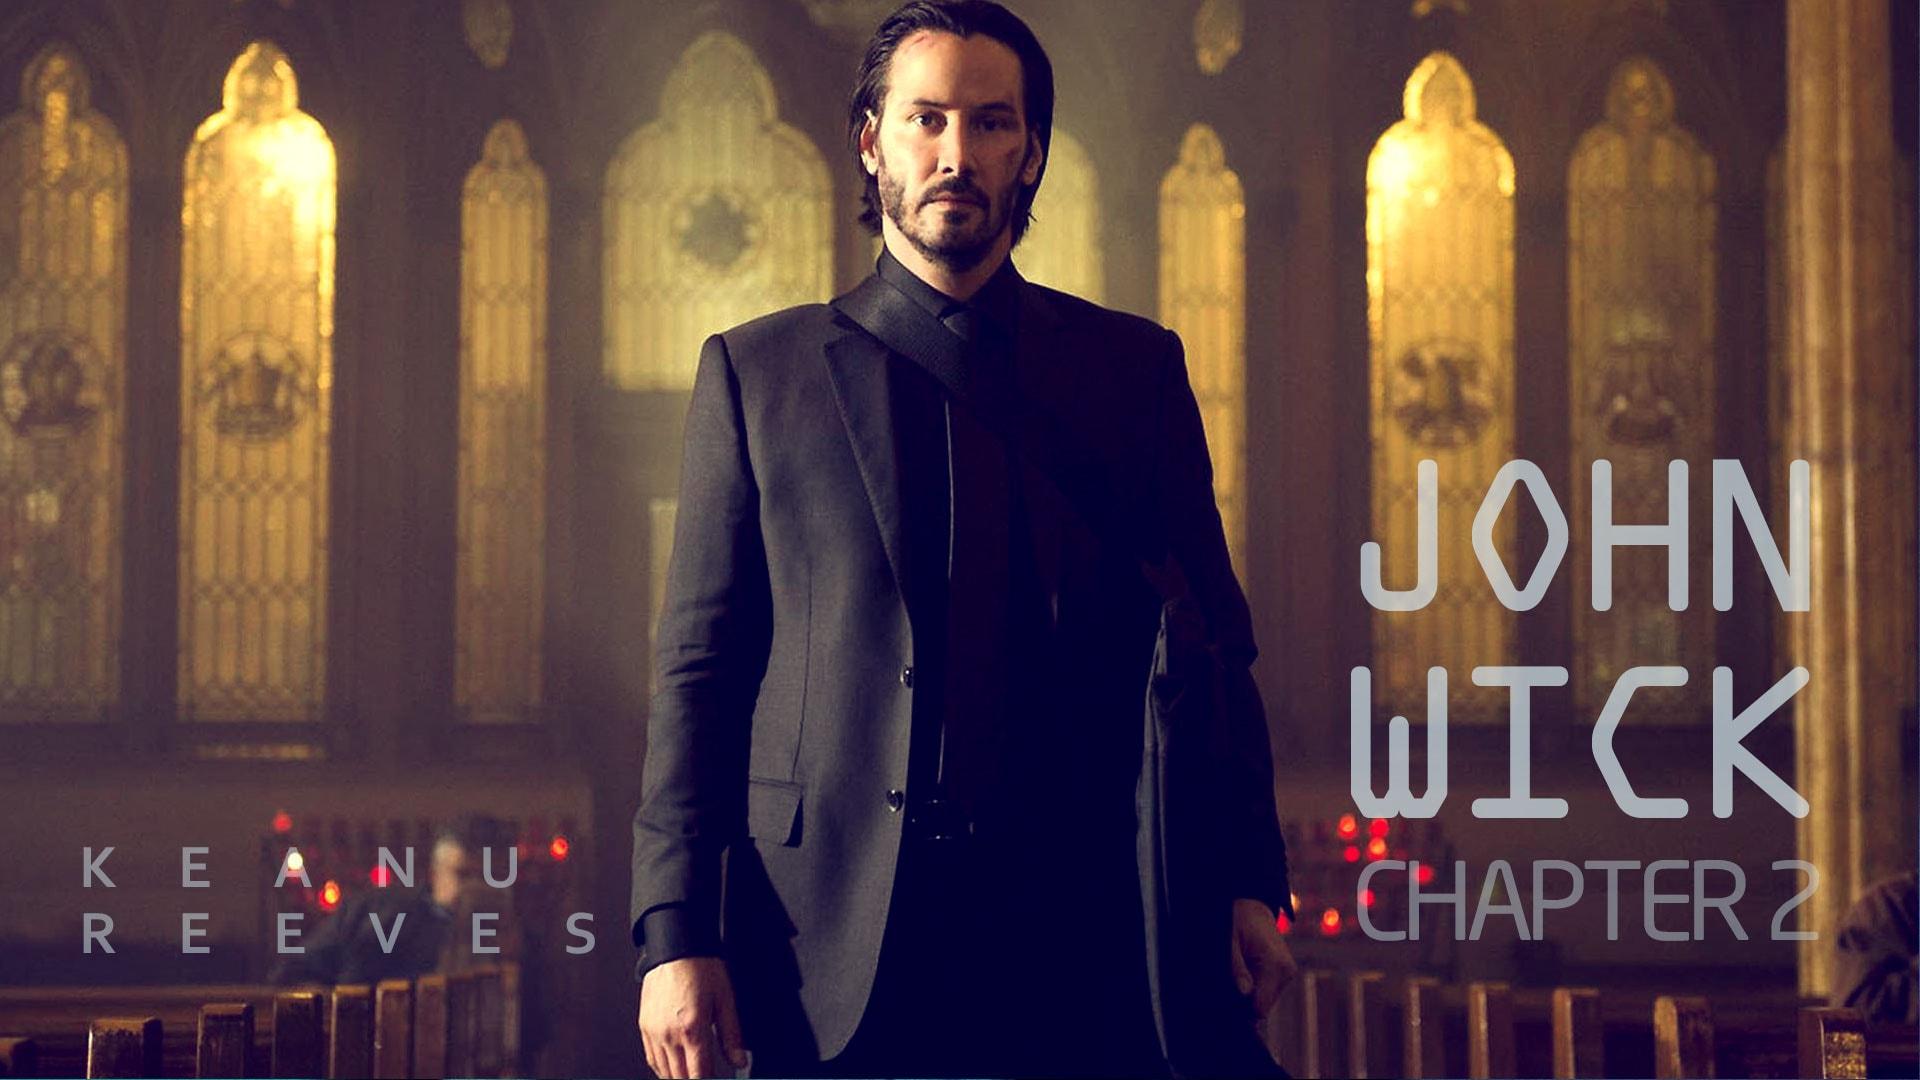 John Wick Chapter Two Hd Wallpapers 7wallpapersnet